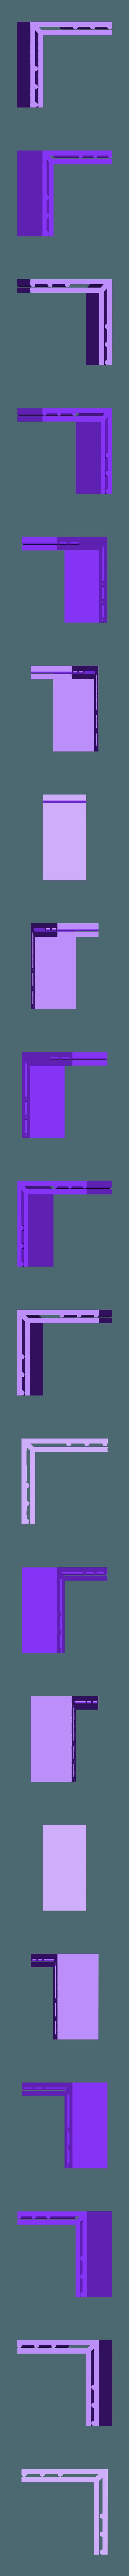 cardboard_clip.stl Télécharger fichier STL gratuit clip en carton • Modèle imprimable en 3D, Punisher_4u